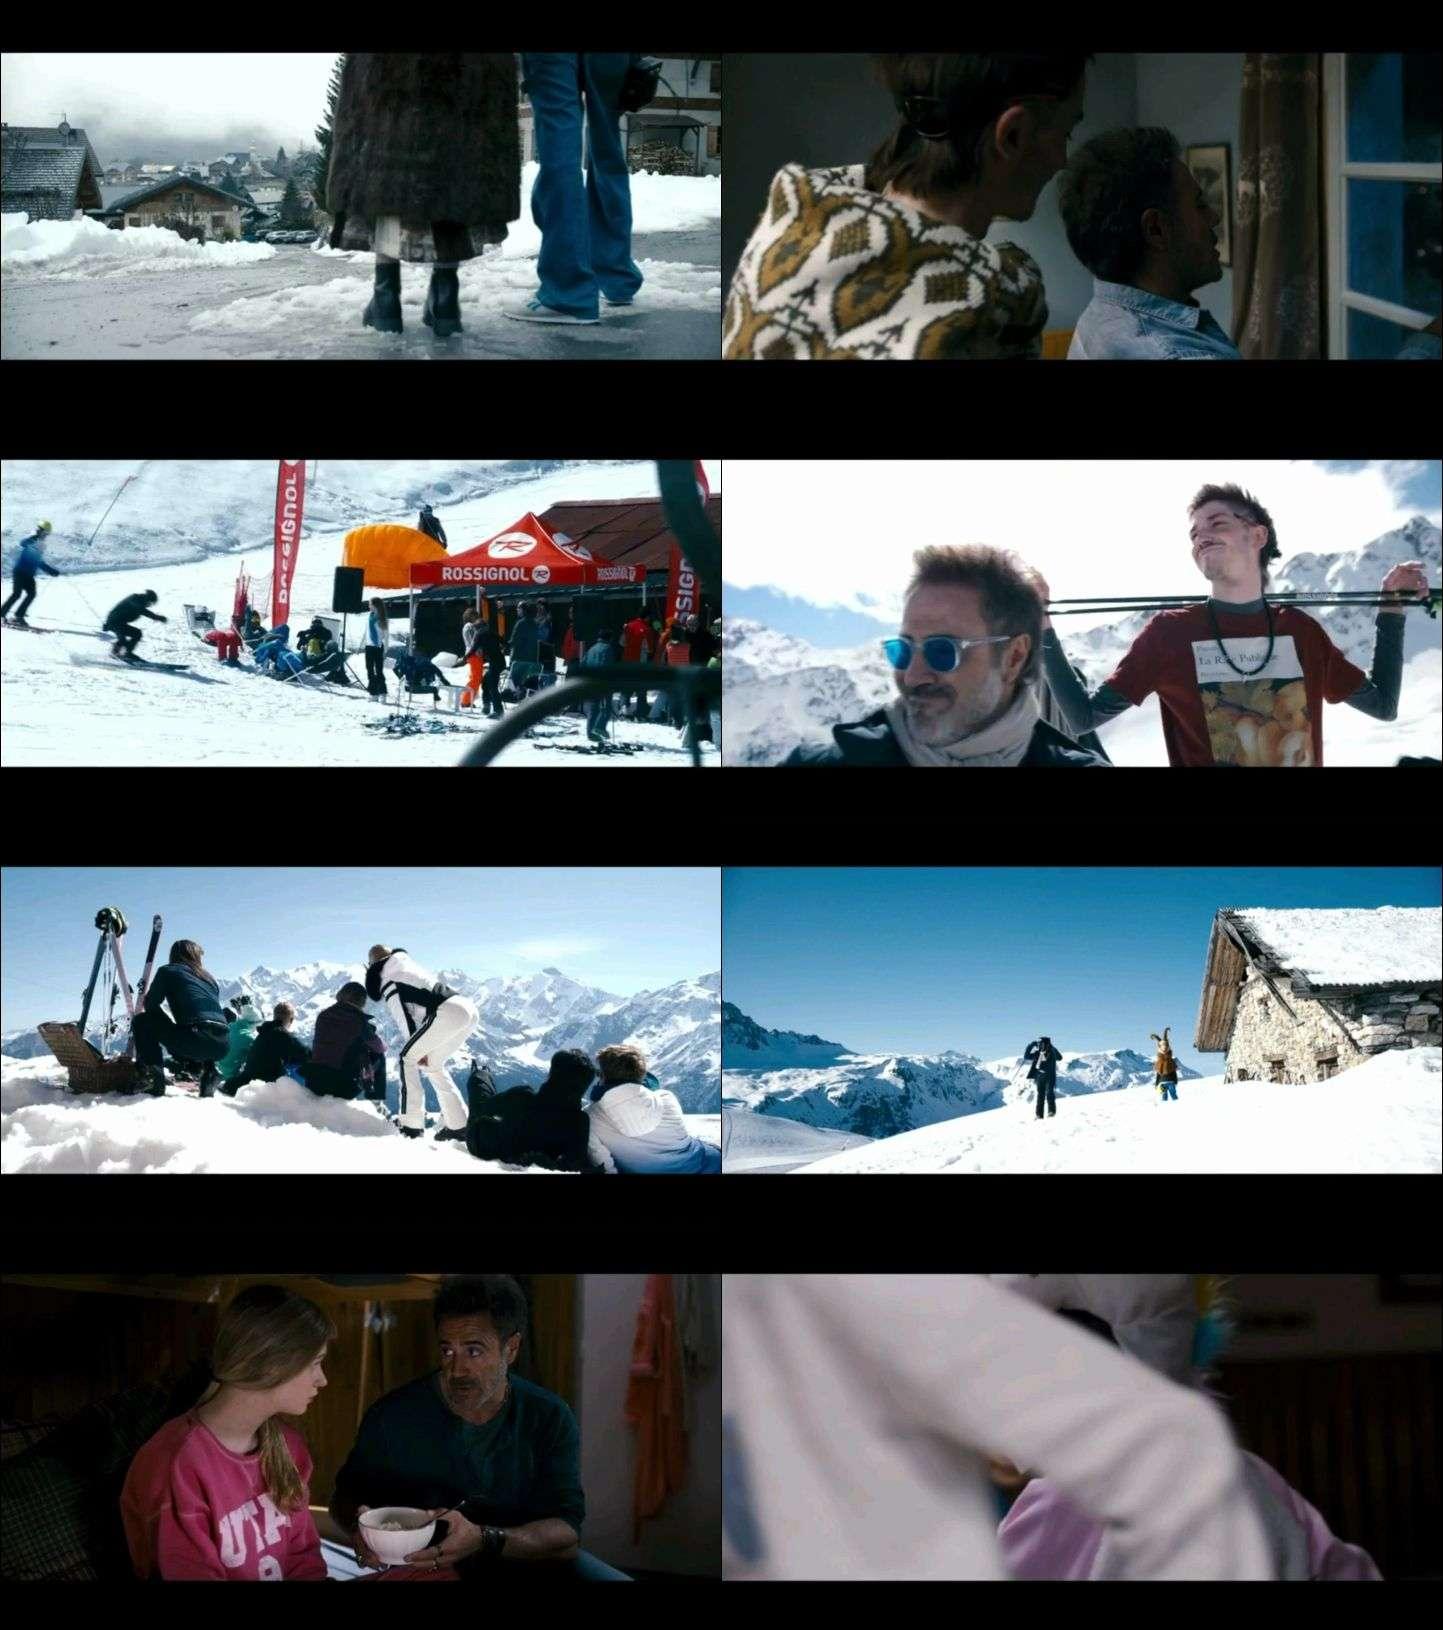 Pist Dışında - Off Piste (2016) türkçe dublaj film indir